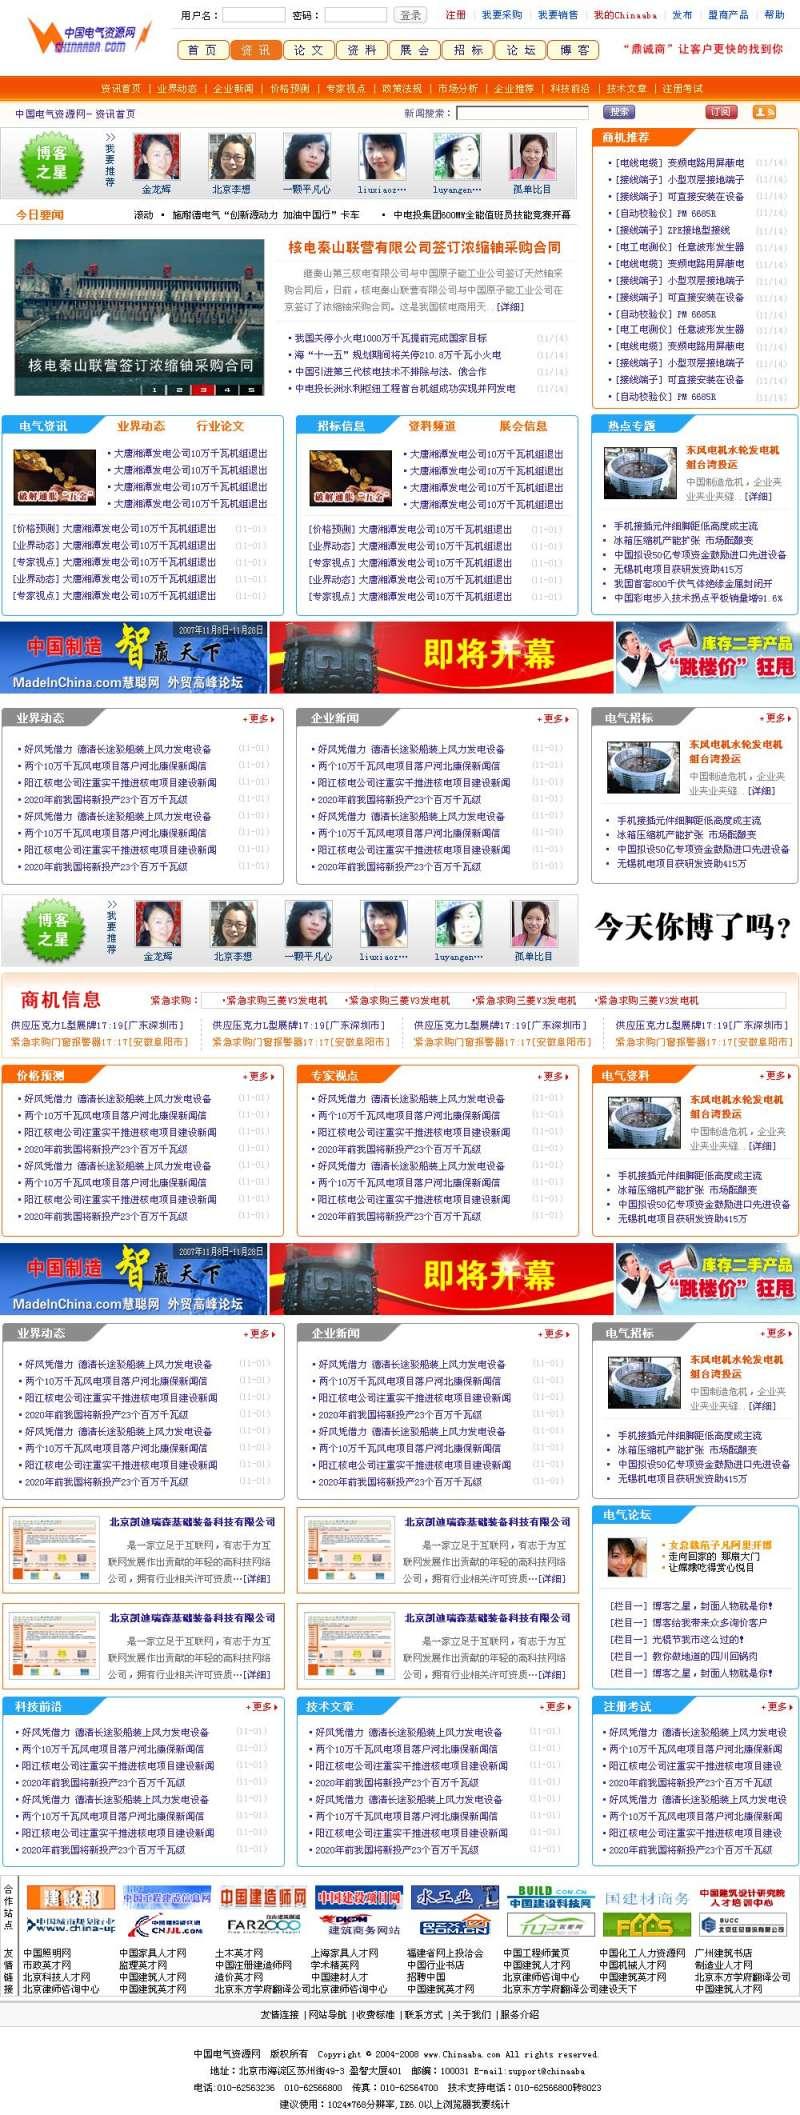 橙色的网页电气资源新闻门户网站模板psd素材下载